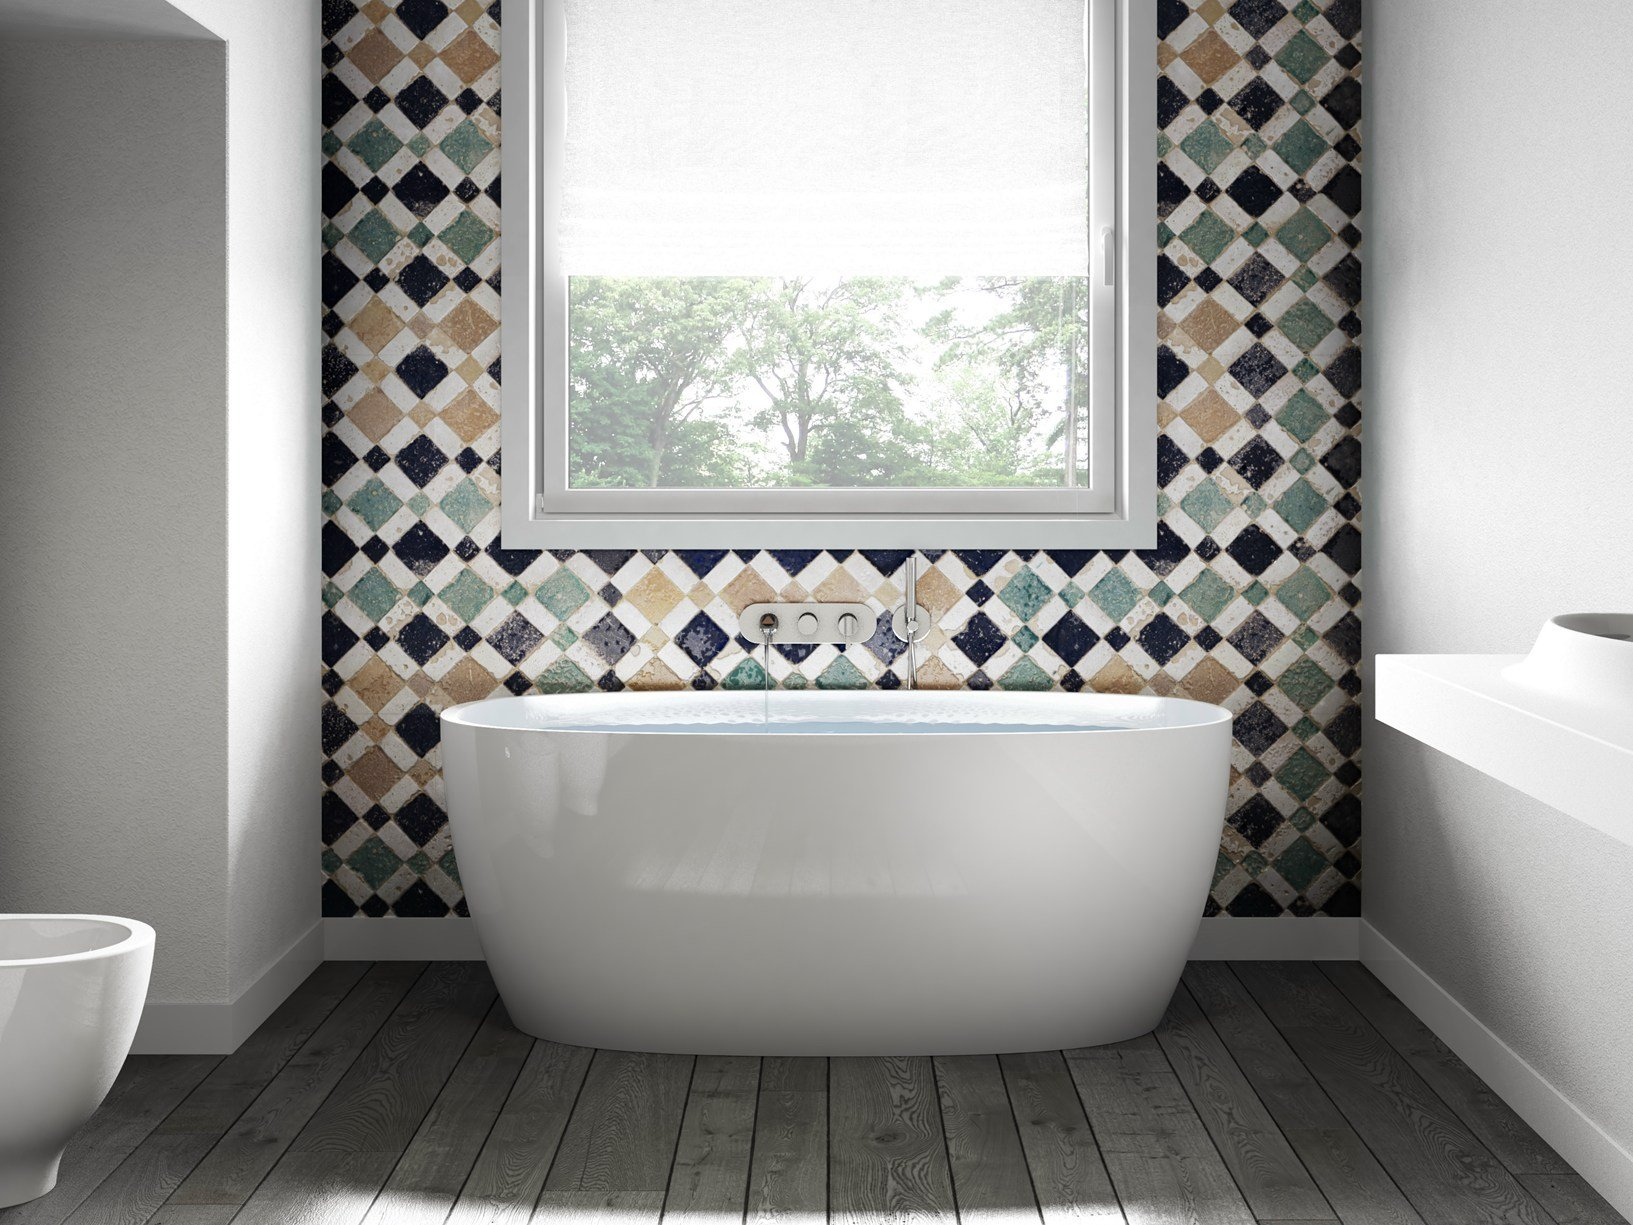 Le nuove vasche centro stanza jacuzzi for Vasca centro stanza